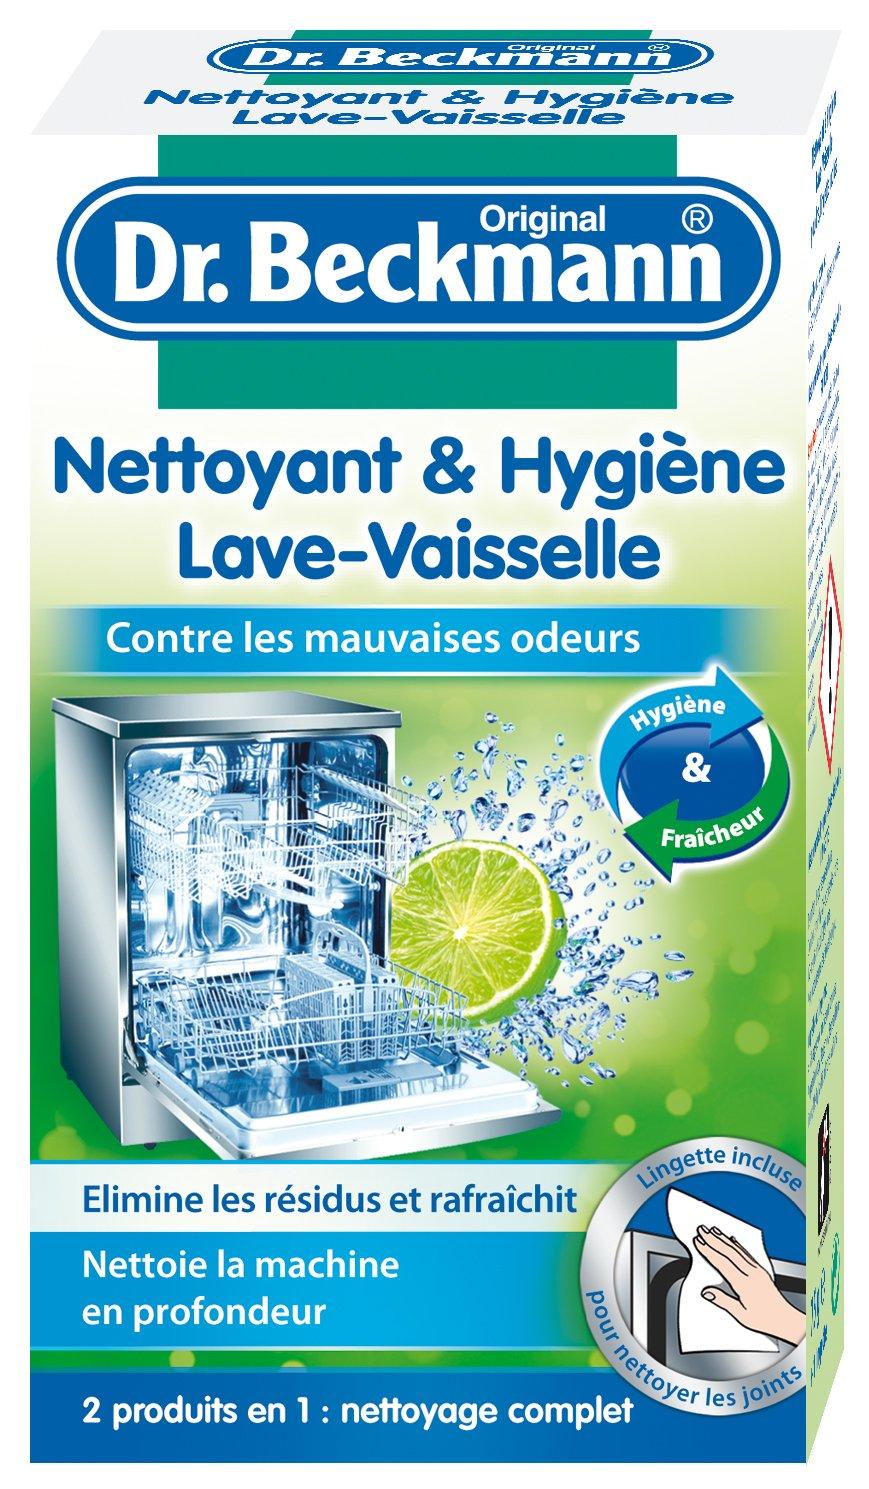 mauvaise odeur machine laver enlever les mauvaises odeurs dans la laveuse nettoyer rabot. Black Bedroom Furniture Sets. Home Design Ideas